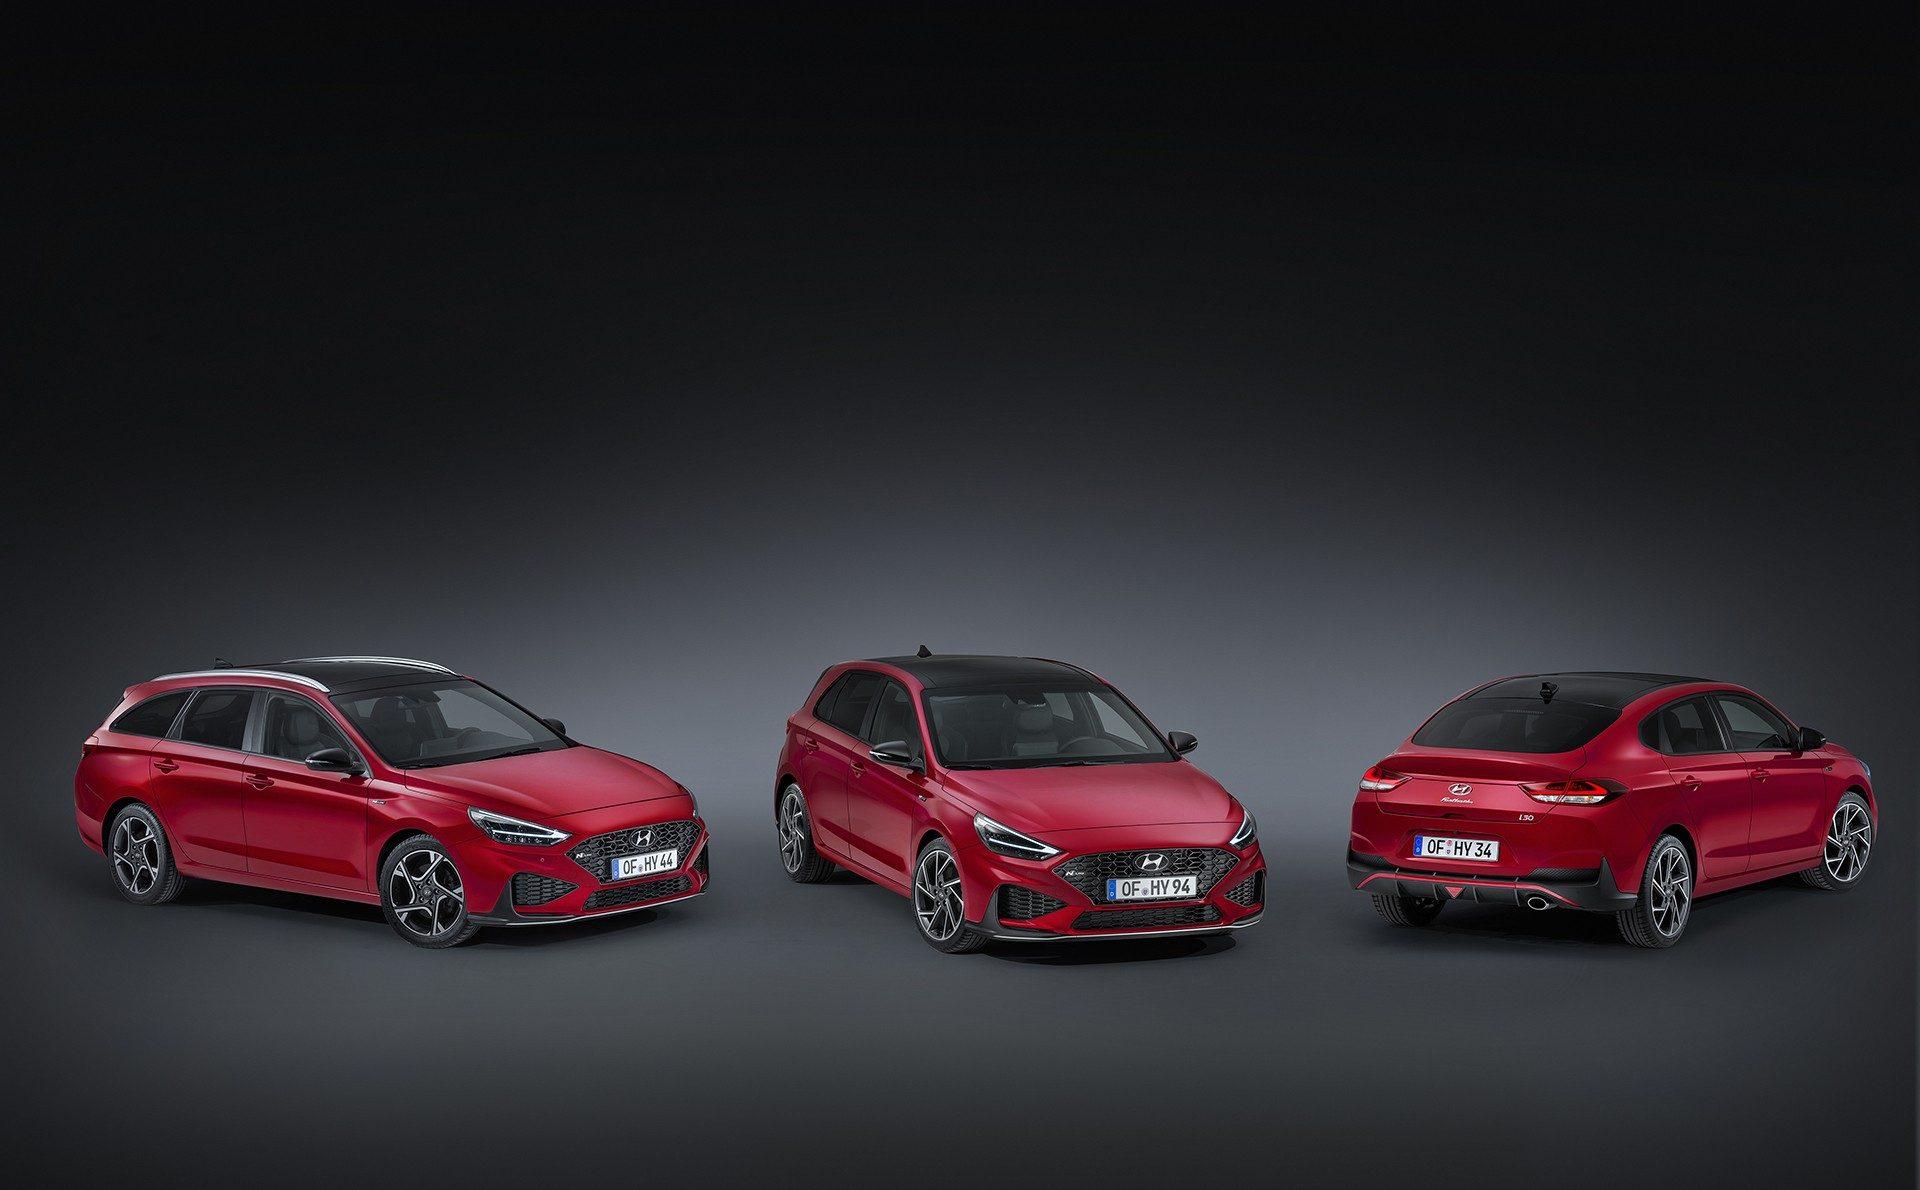 Nuova Hyundai i30 2020 anche ibrida, dati tecnici sul Restyling